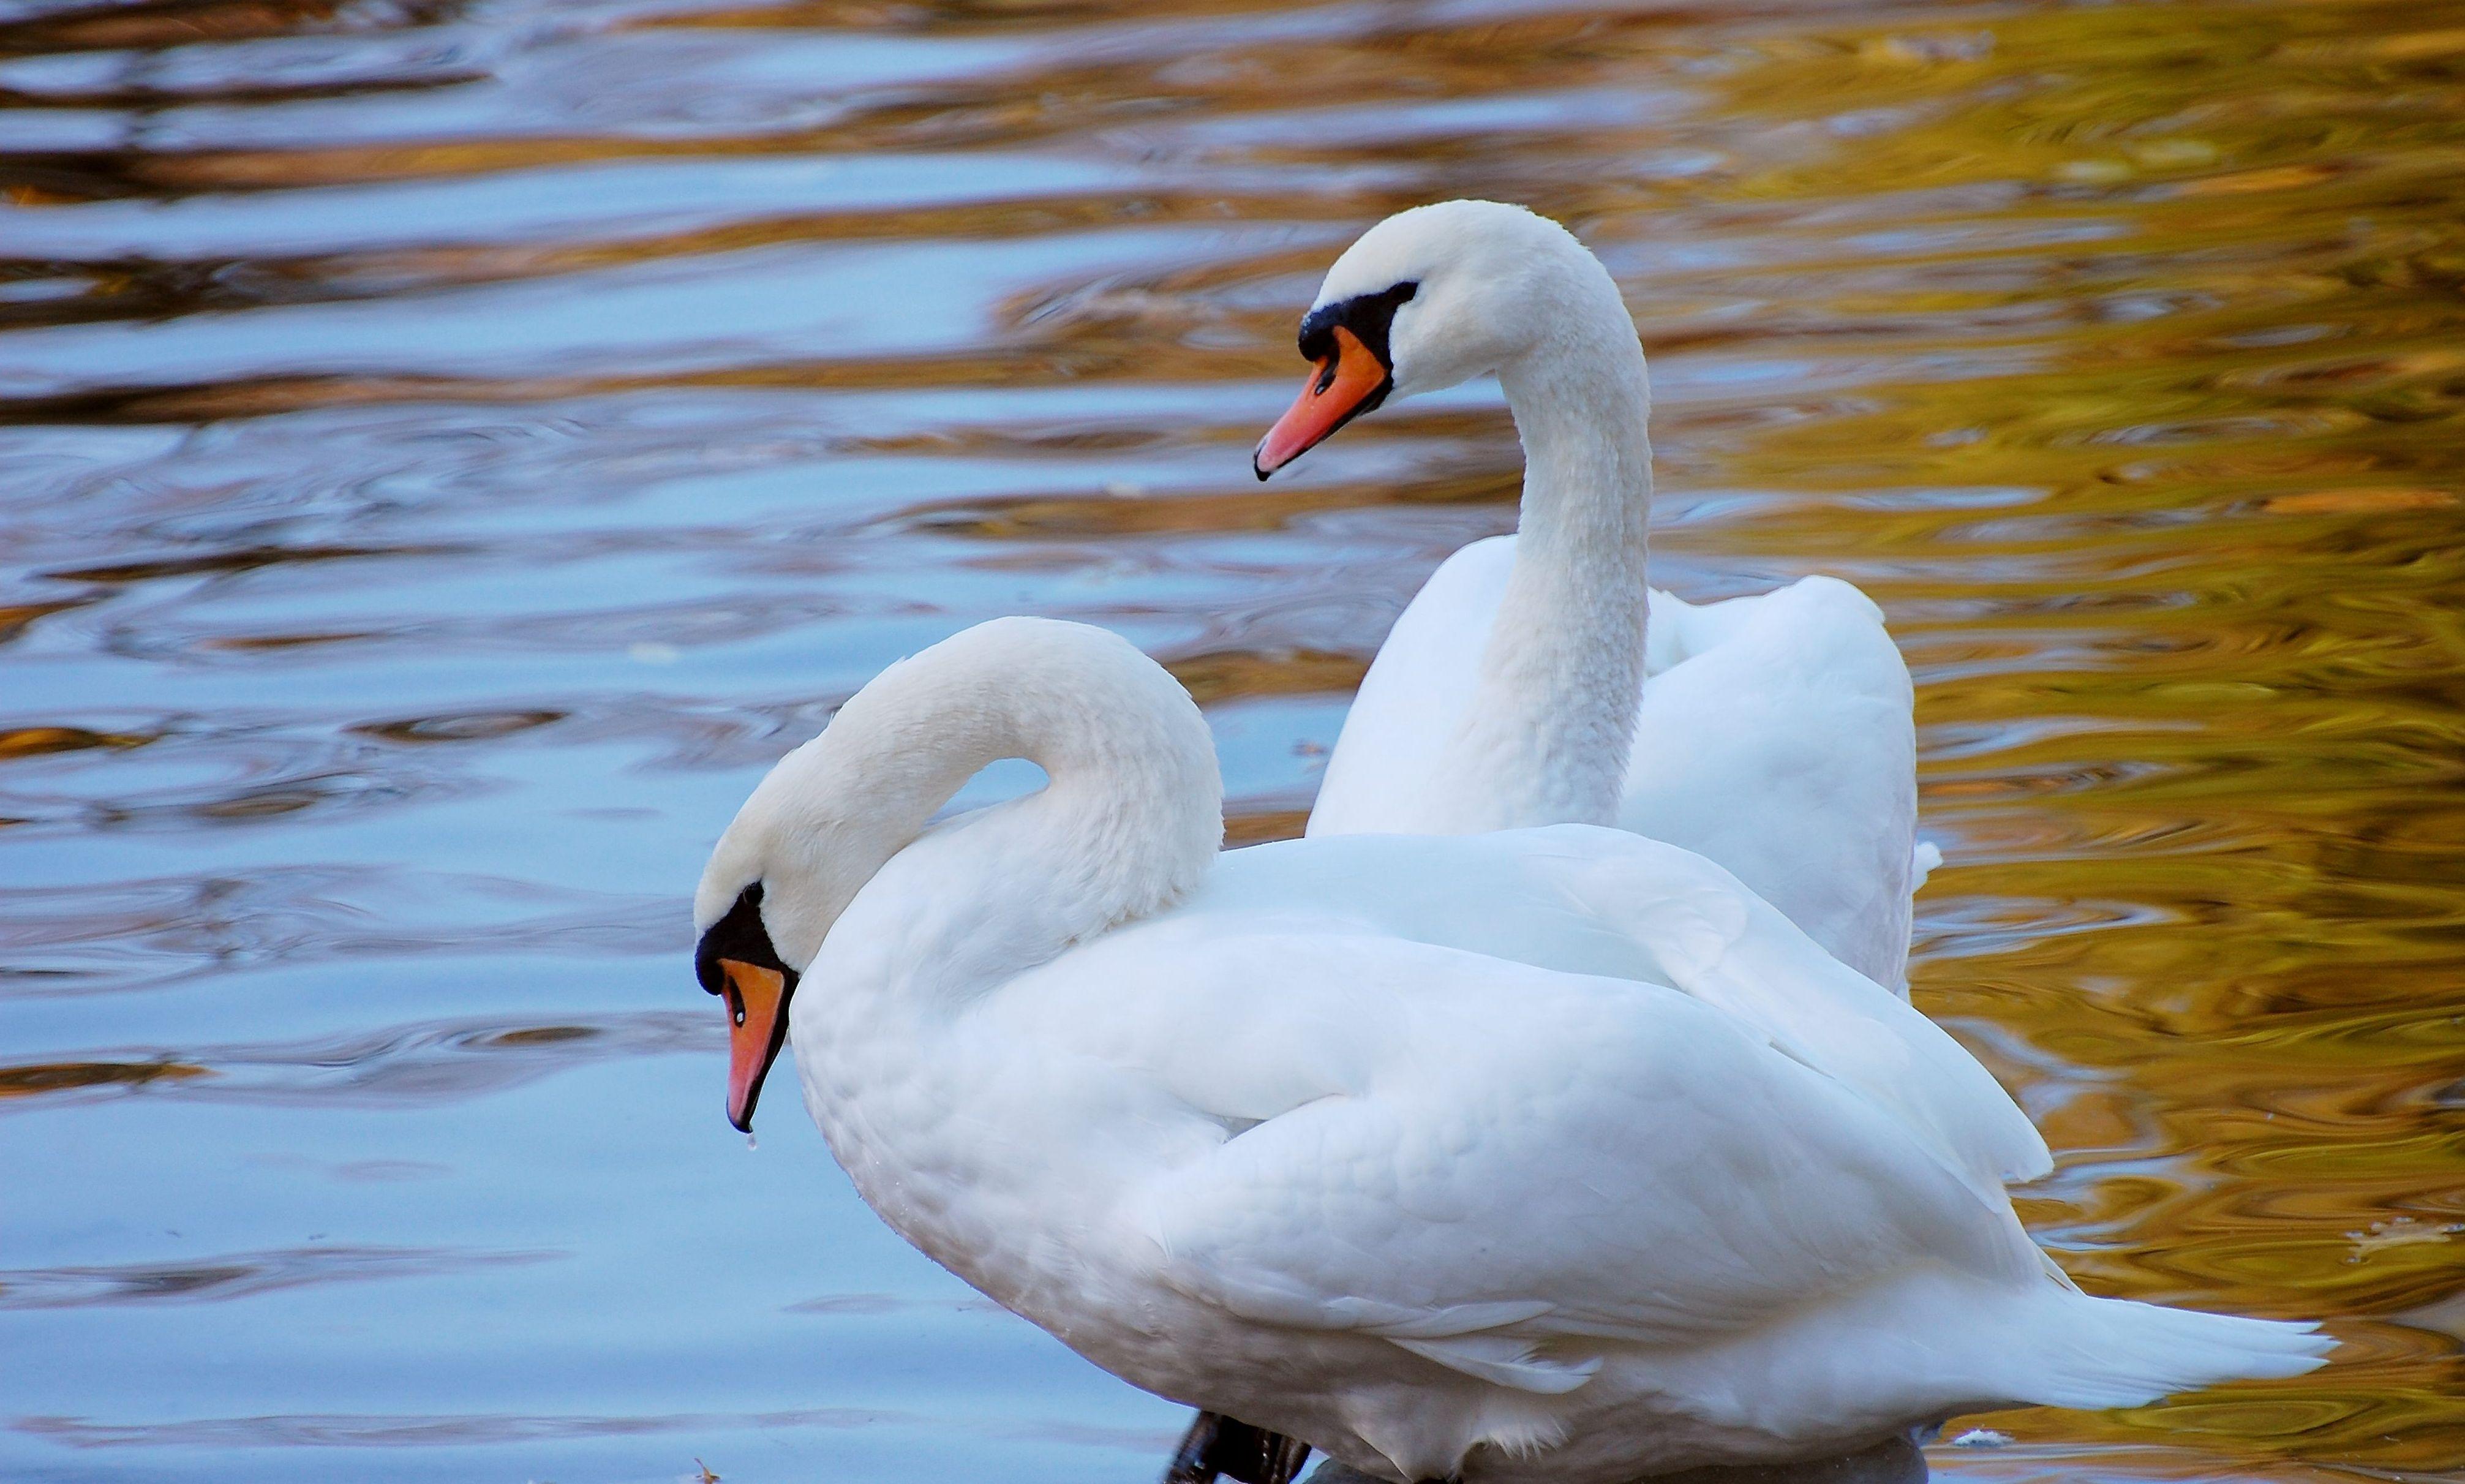 137438 Hintergrundbild herunterladen Tiere, Wasser, Swans, Ufer, Bank, Paar - Bildschirmschoner und Bilder kostenlos